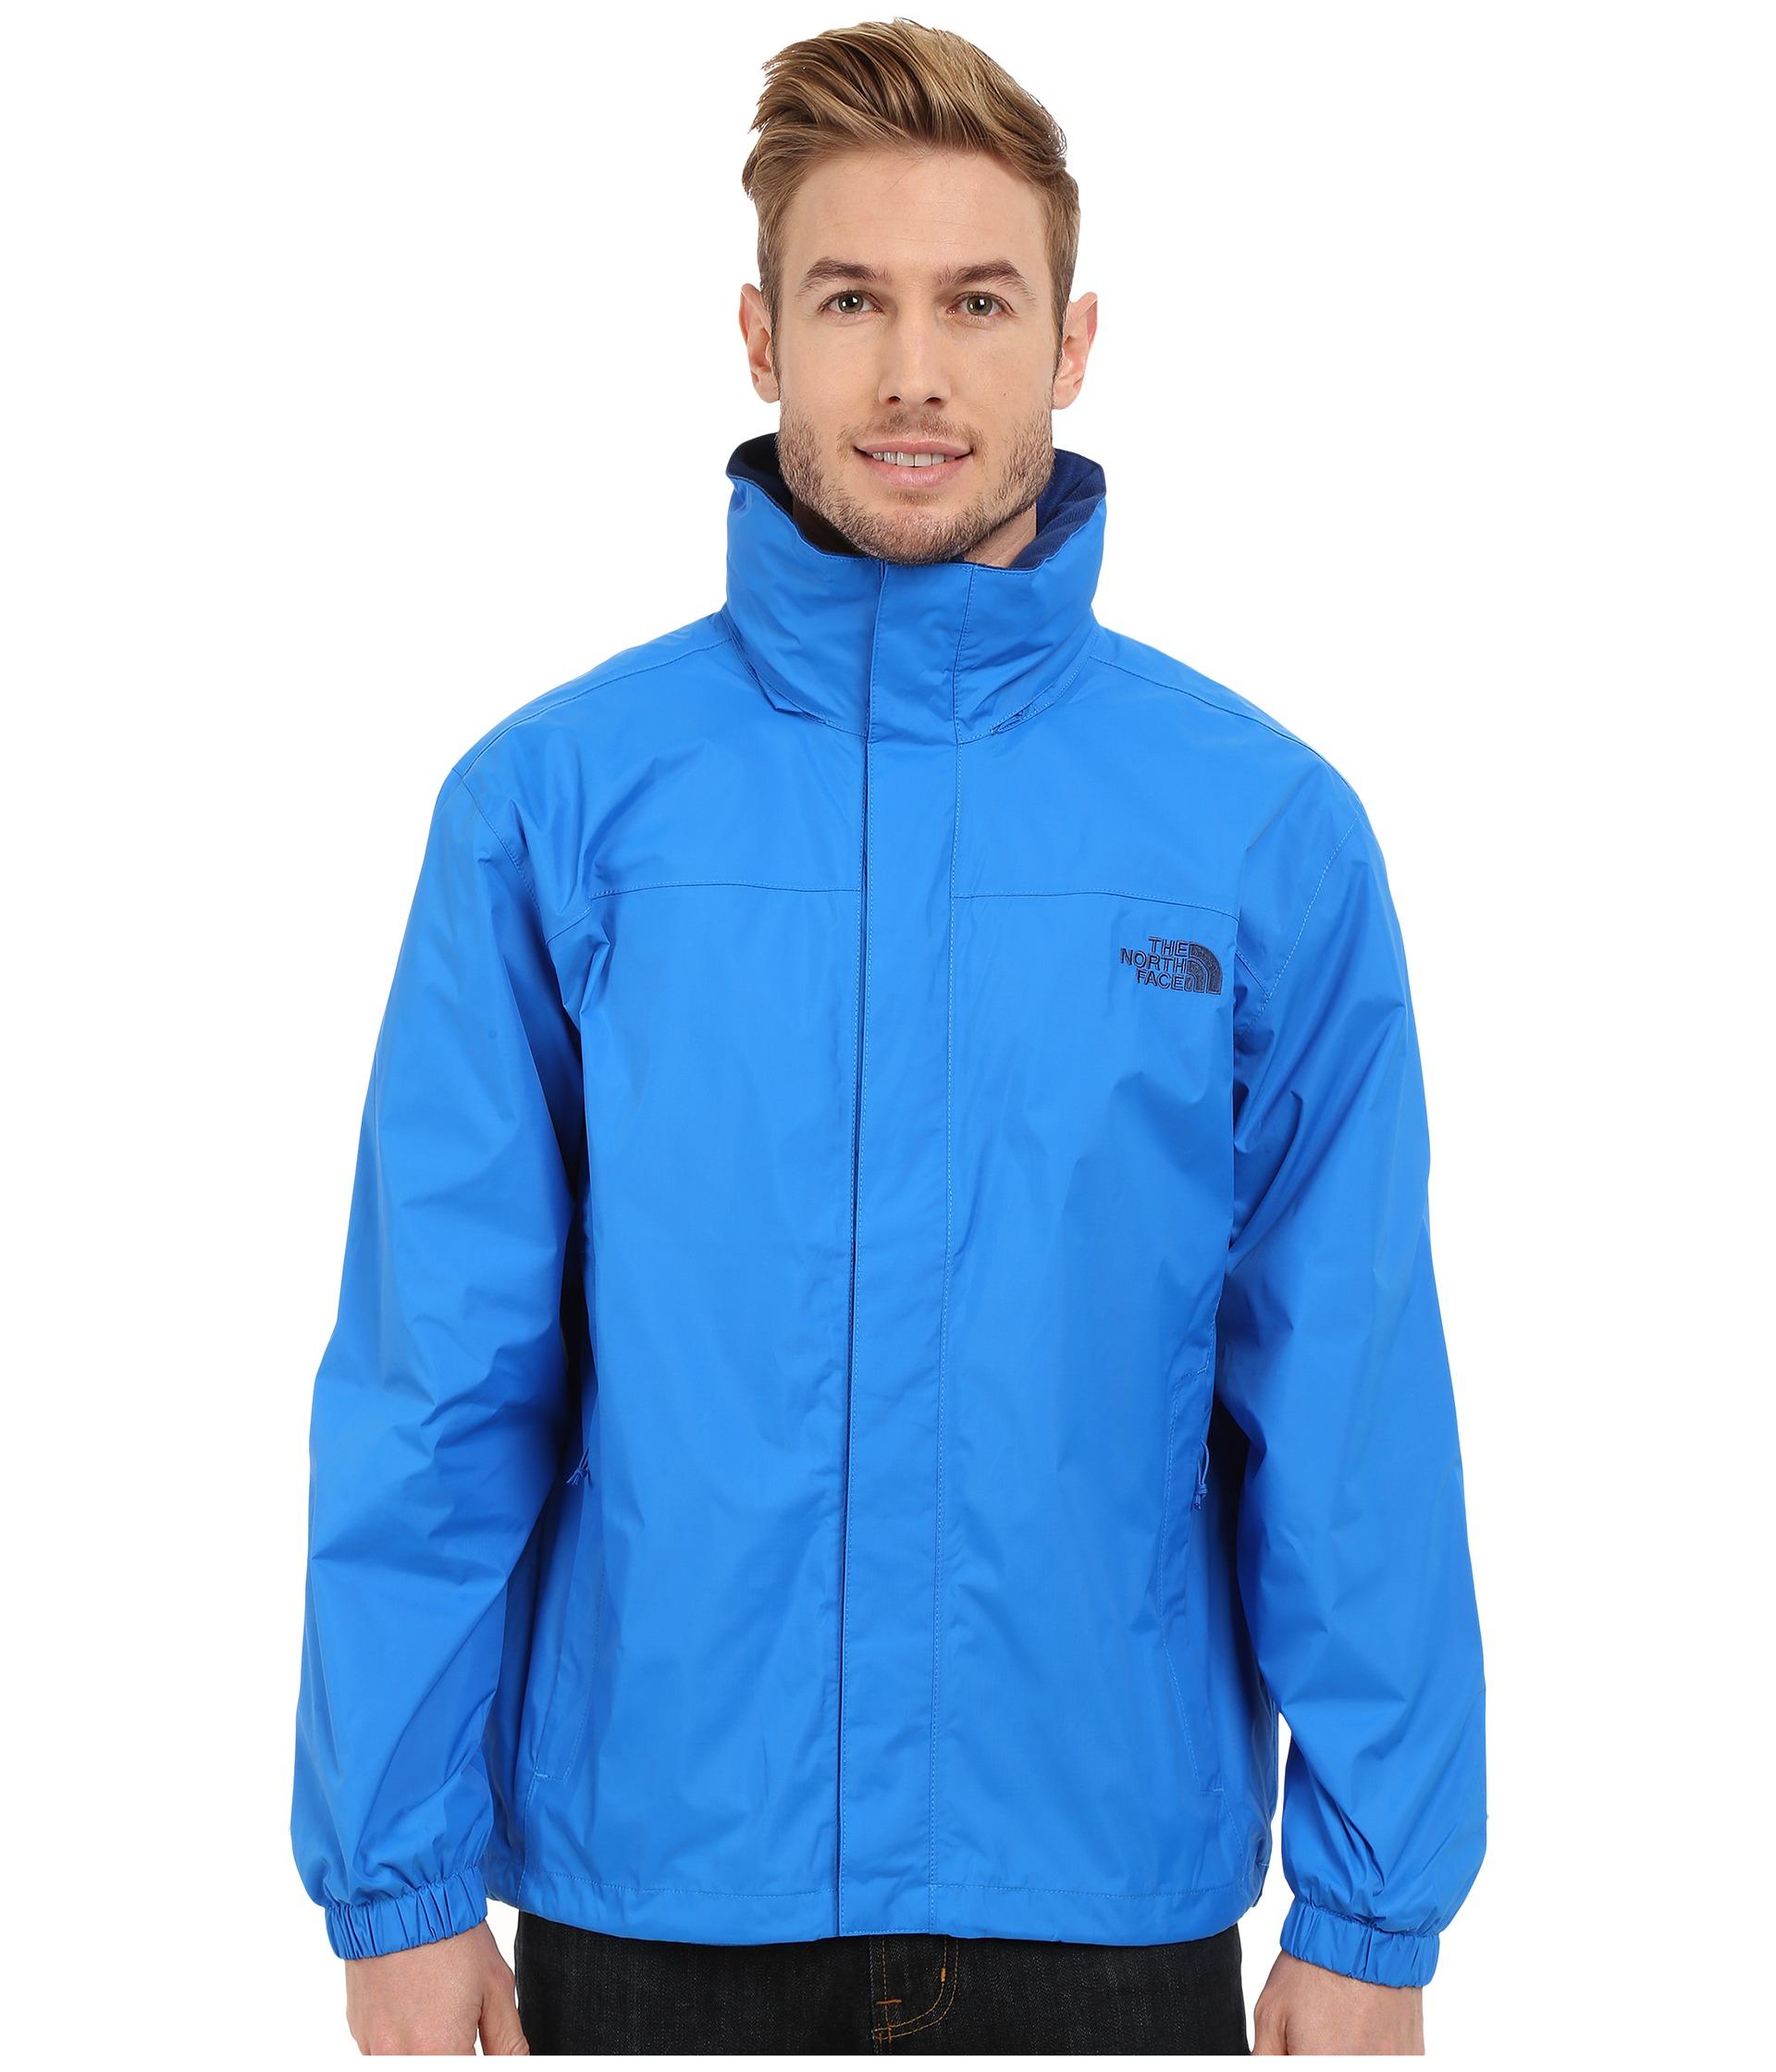 Mens jacket light blue - Gallery